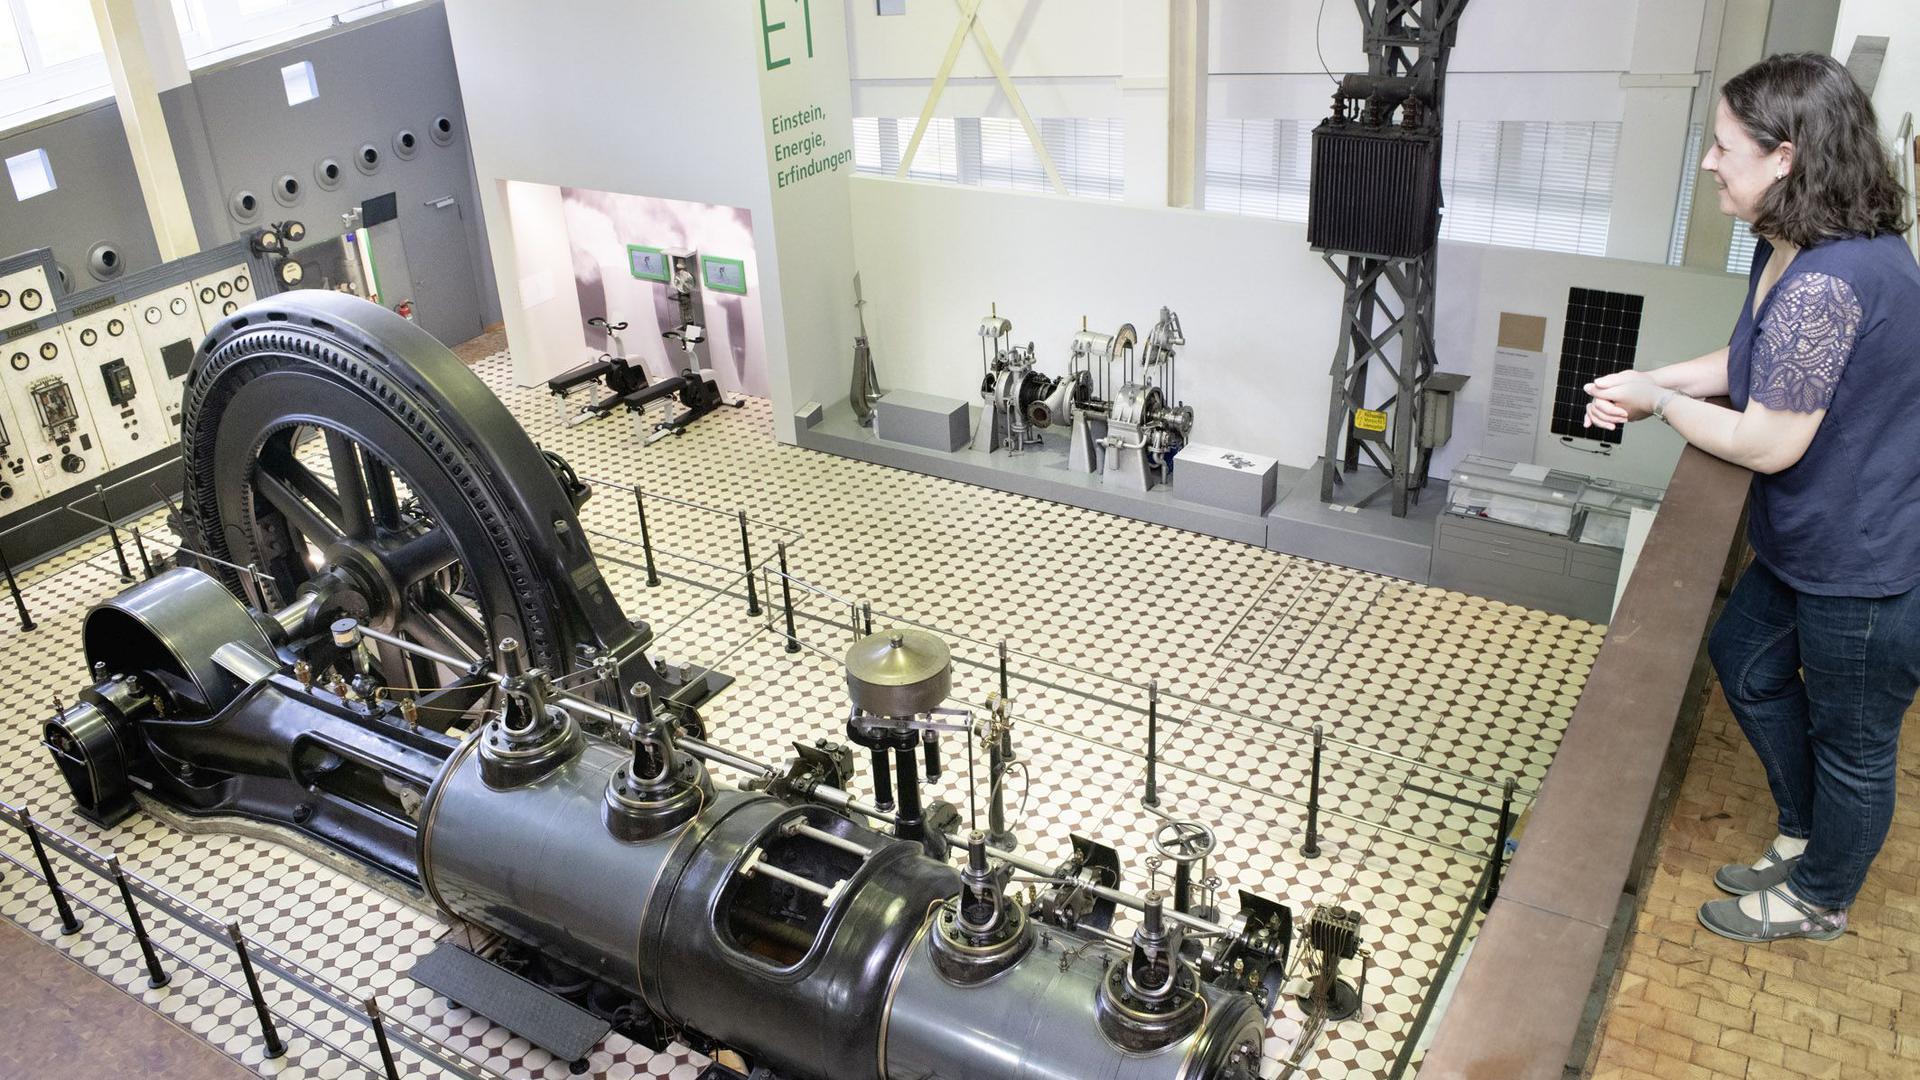 Fast, als wäre man dort: Bei der 360-Grad-Tour durch das Technoseum in Mannheim kann der Online-Besucher auch diese Dampfmaschine von 1908 besichtigen.